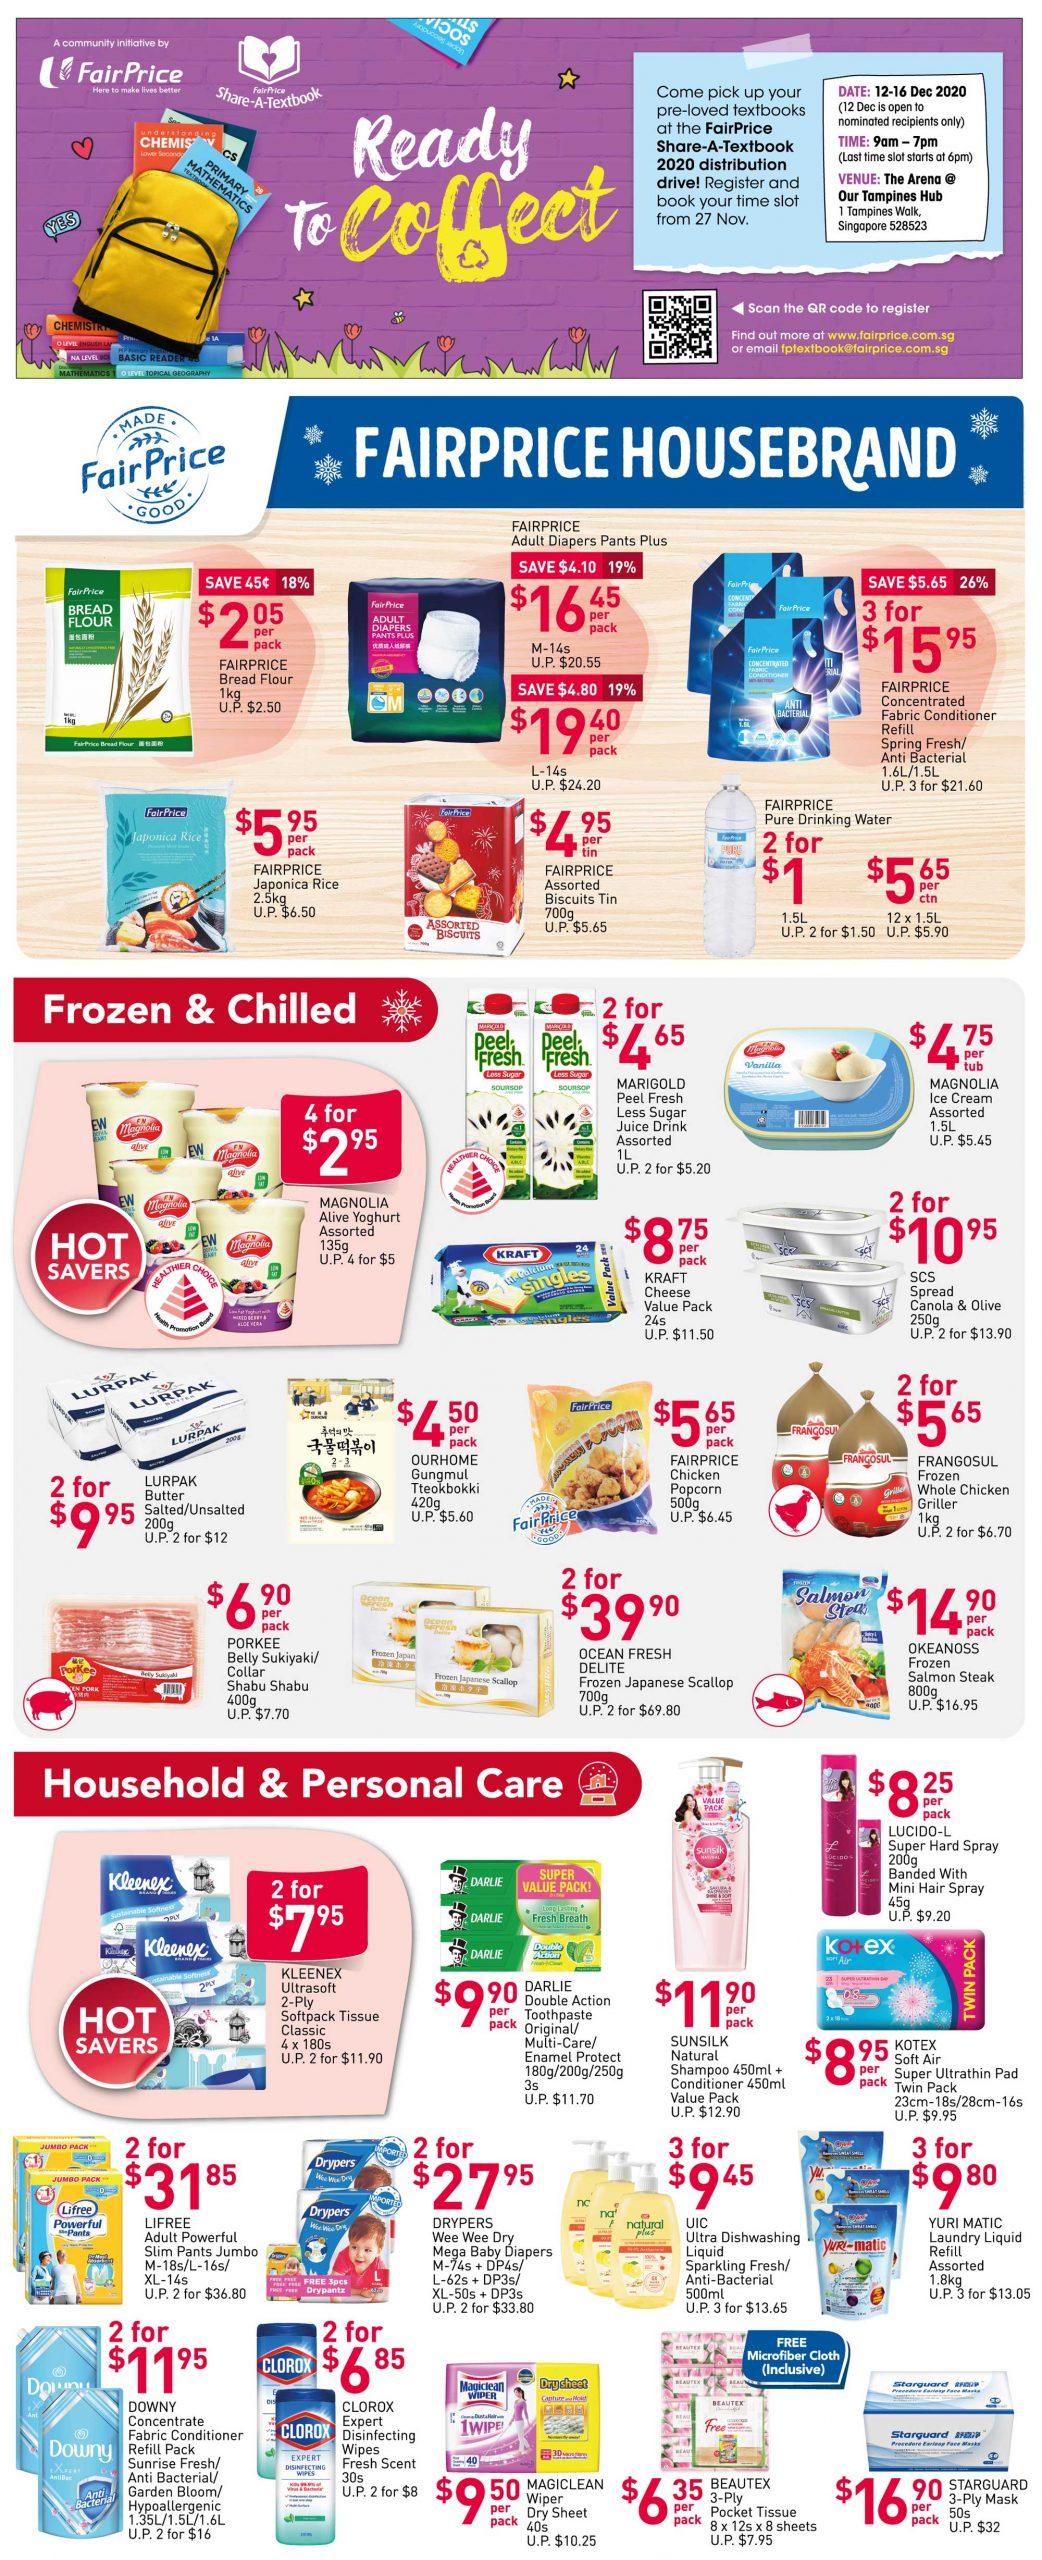 FairPrice's weekly saver deals till 2 December 2020